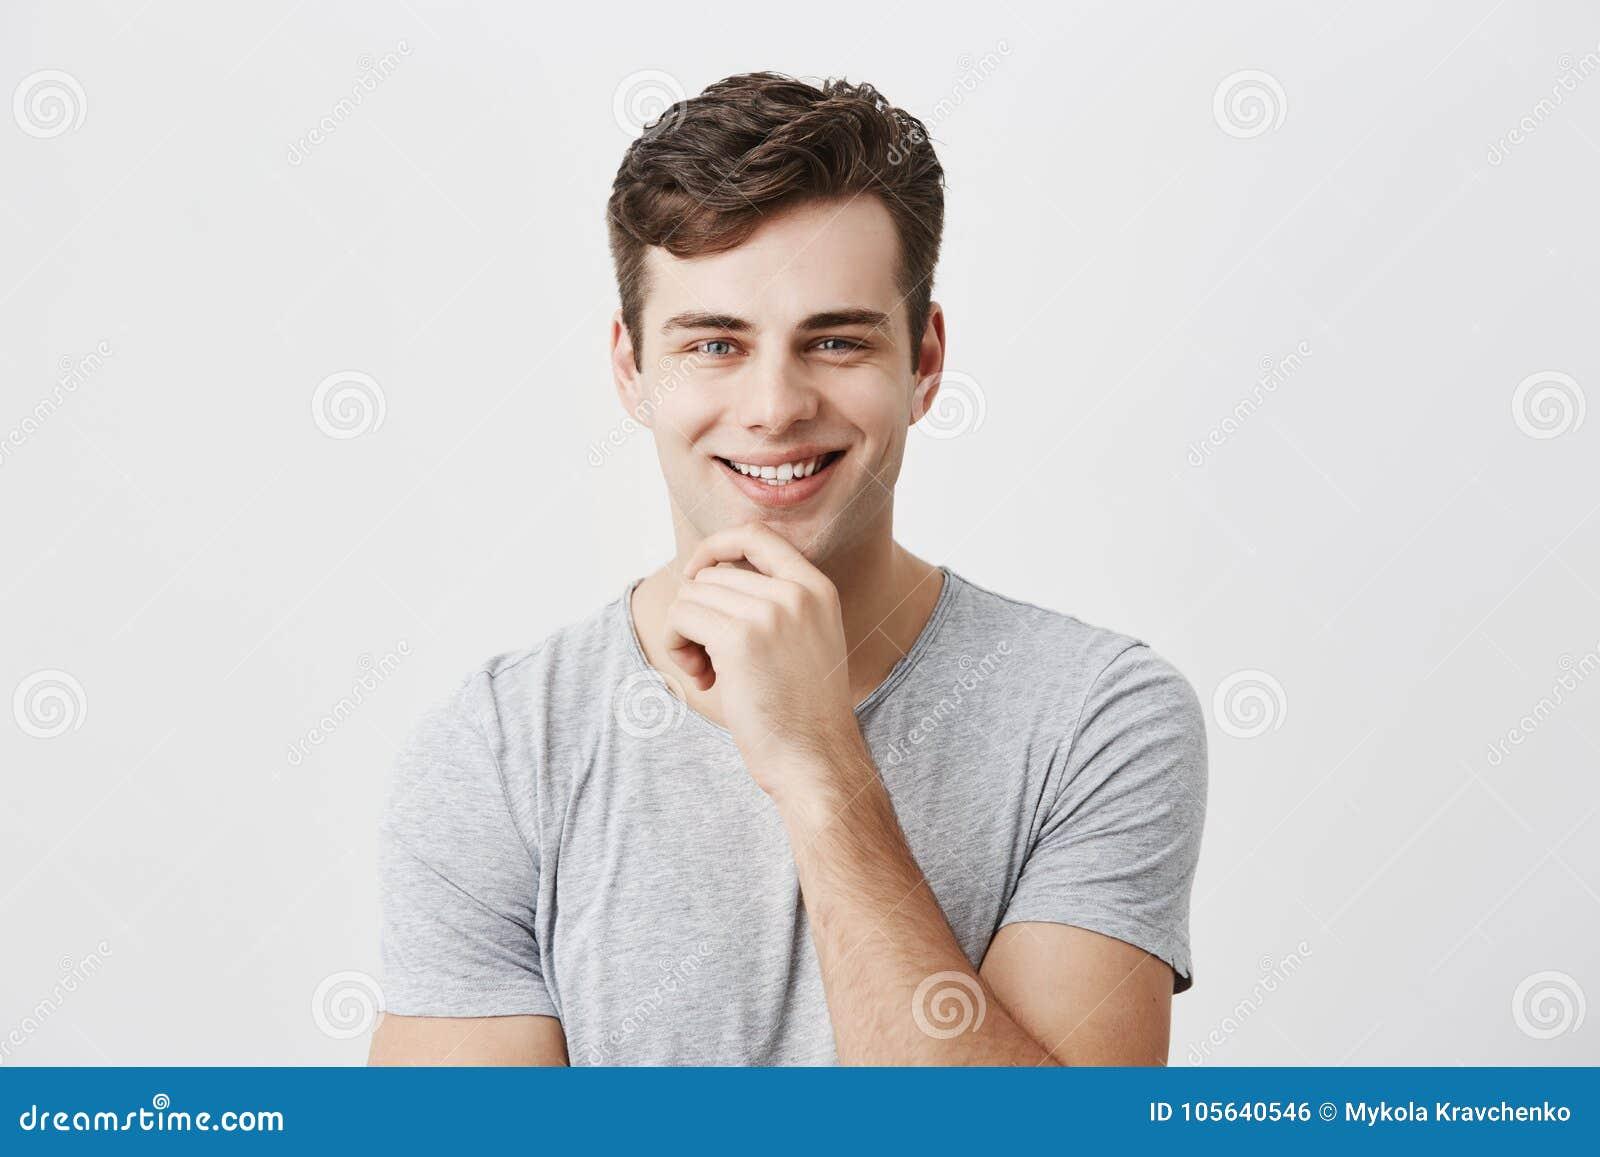 Szczęśliwy uśmiechnięty młody człowiek demonstruje pozytywne emocje lub uczucia, modnego uczesanie, ubierającego niezobowiązująco